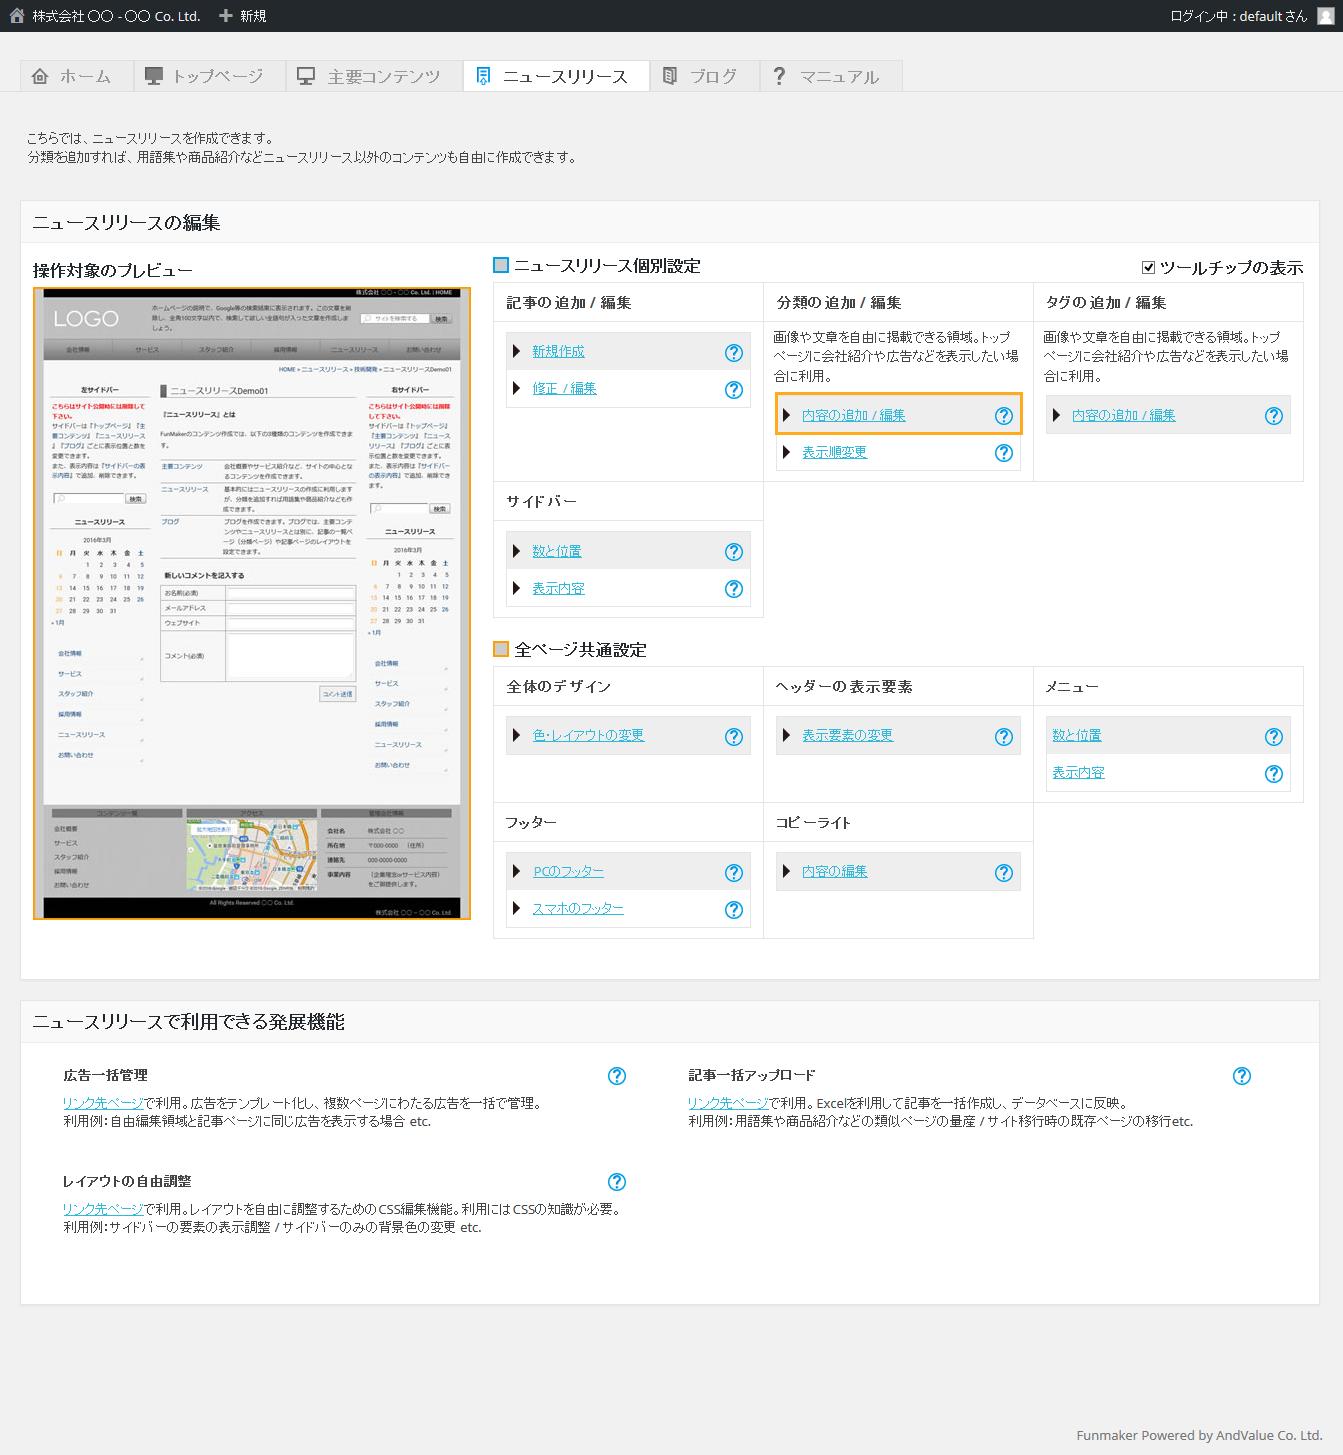 分類の新規追加 - 簡単格安ホームページ作成会社 -FunMaker